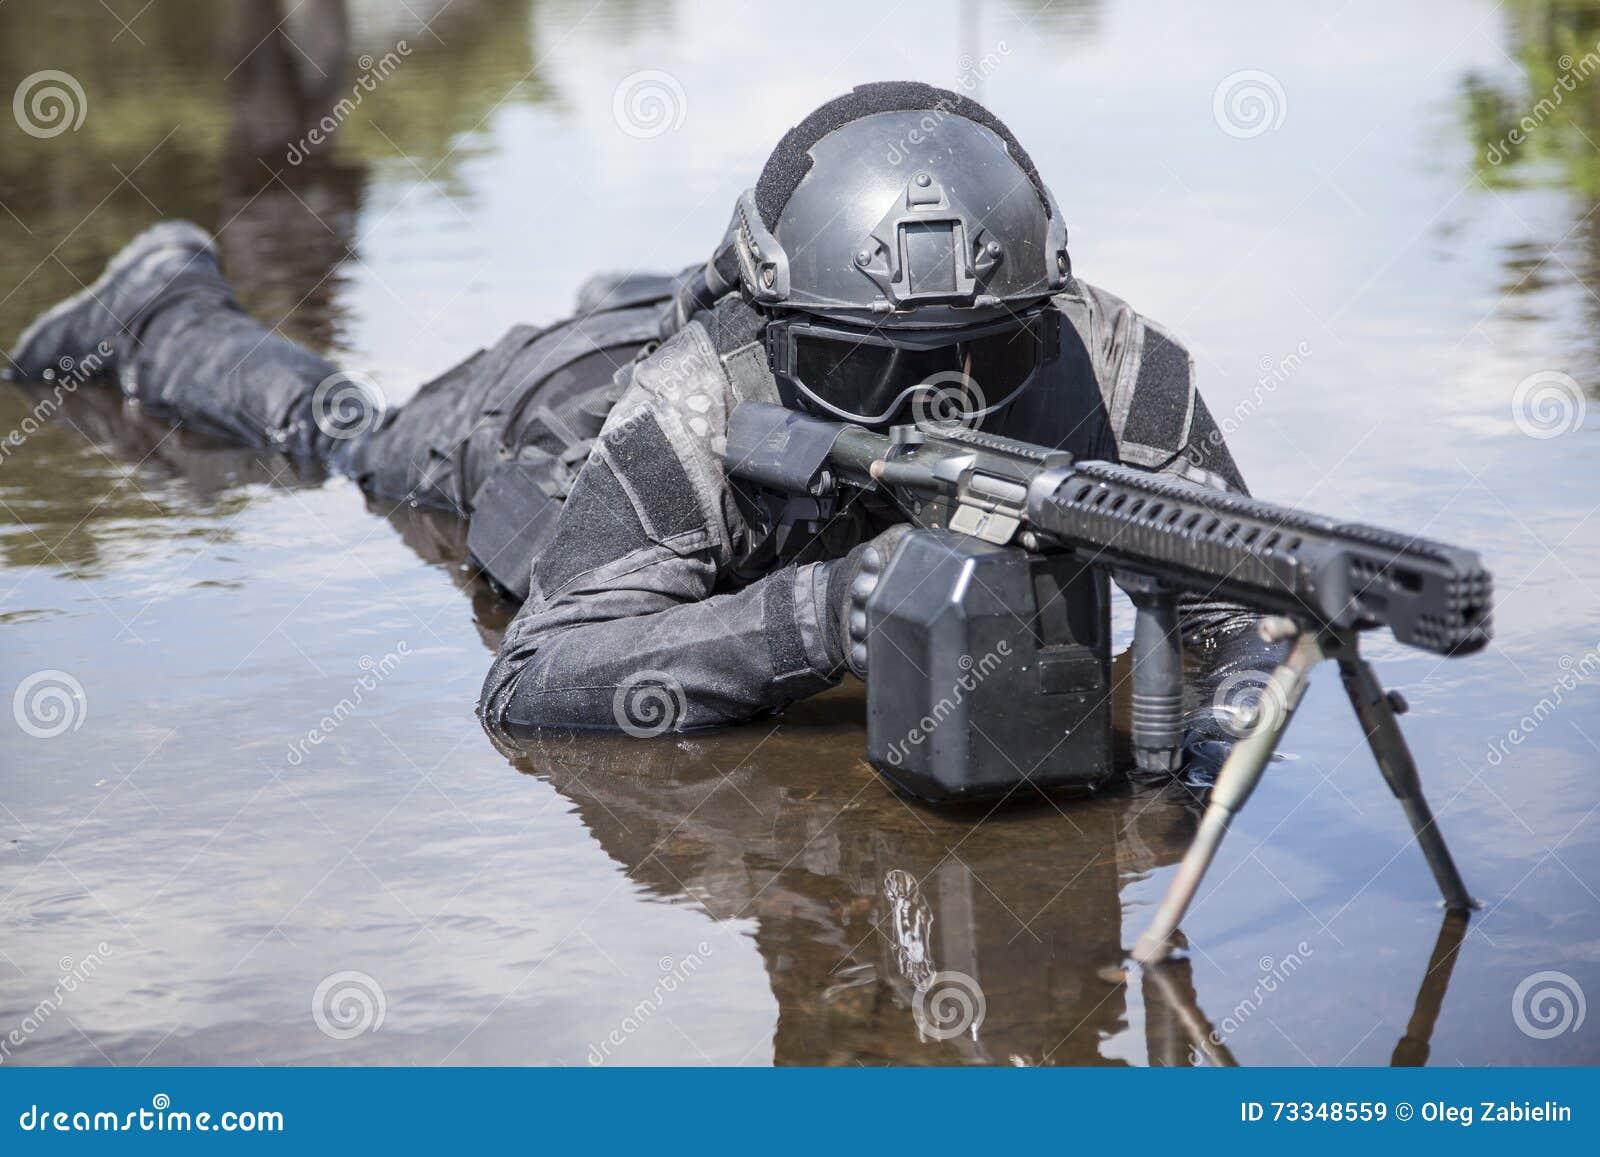 Oficial de policía de los ops de espec.